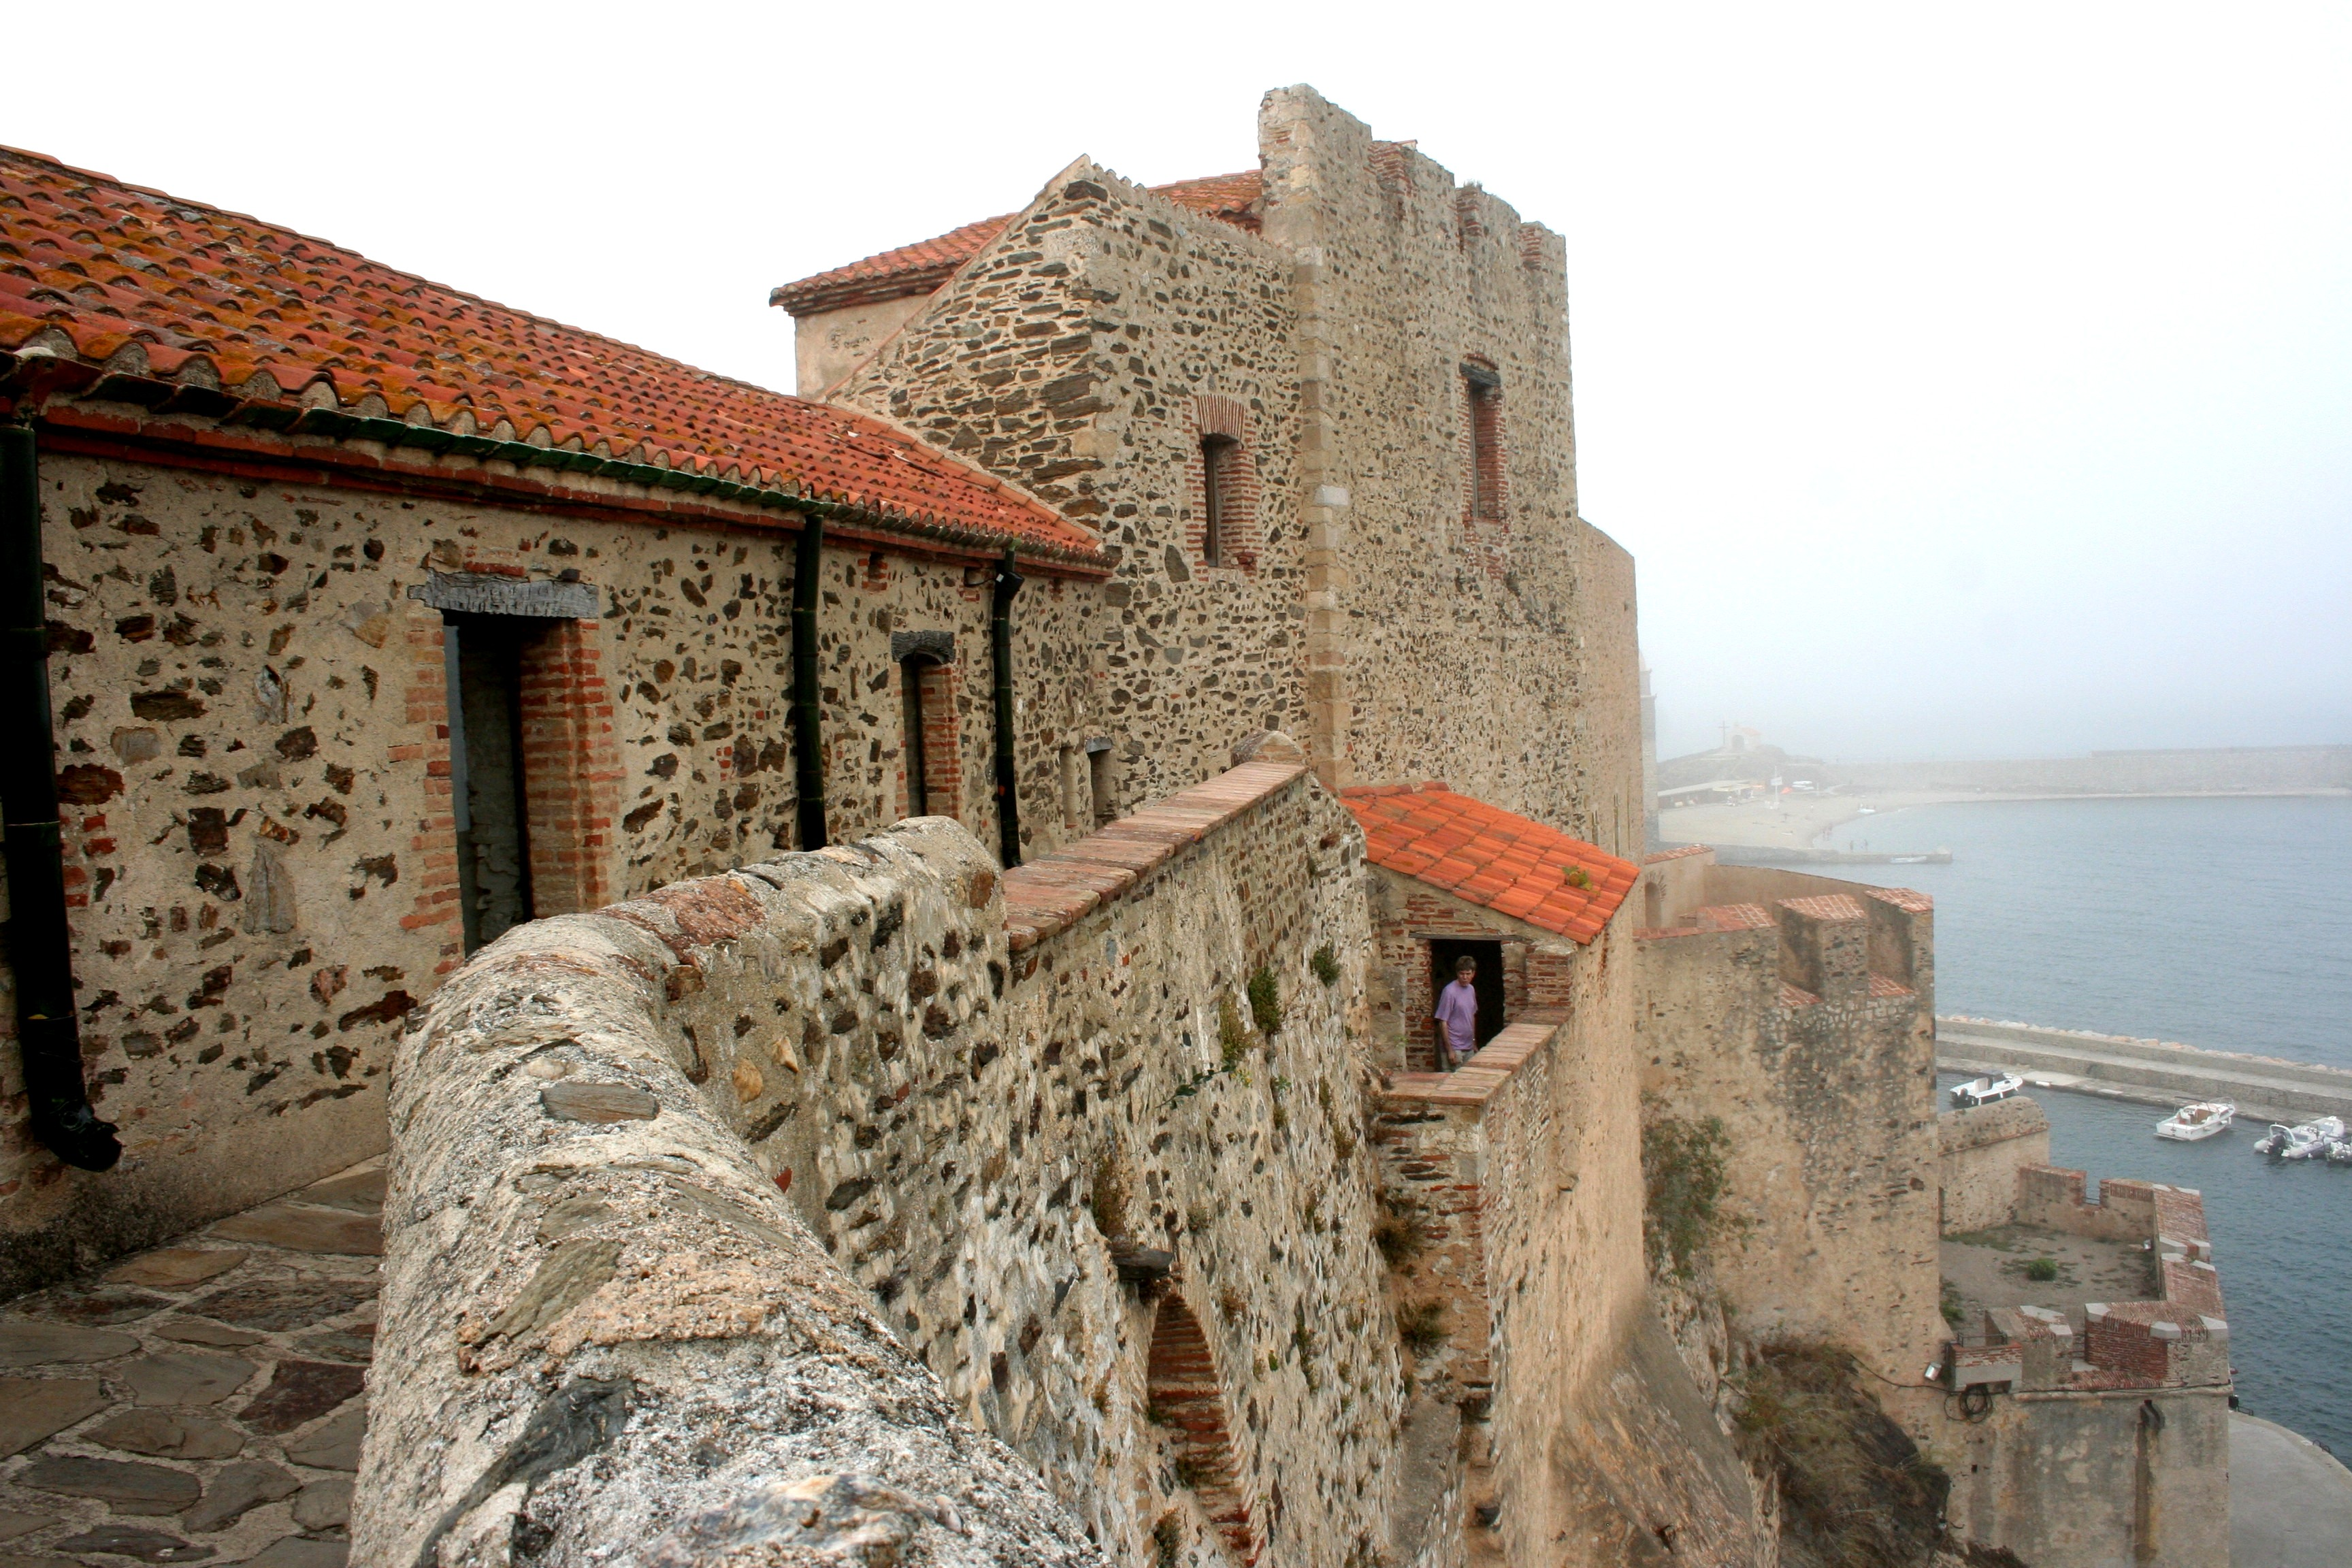 Knights Templar Fortress